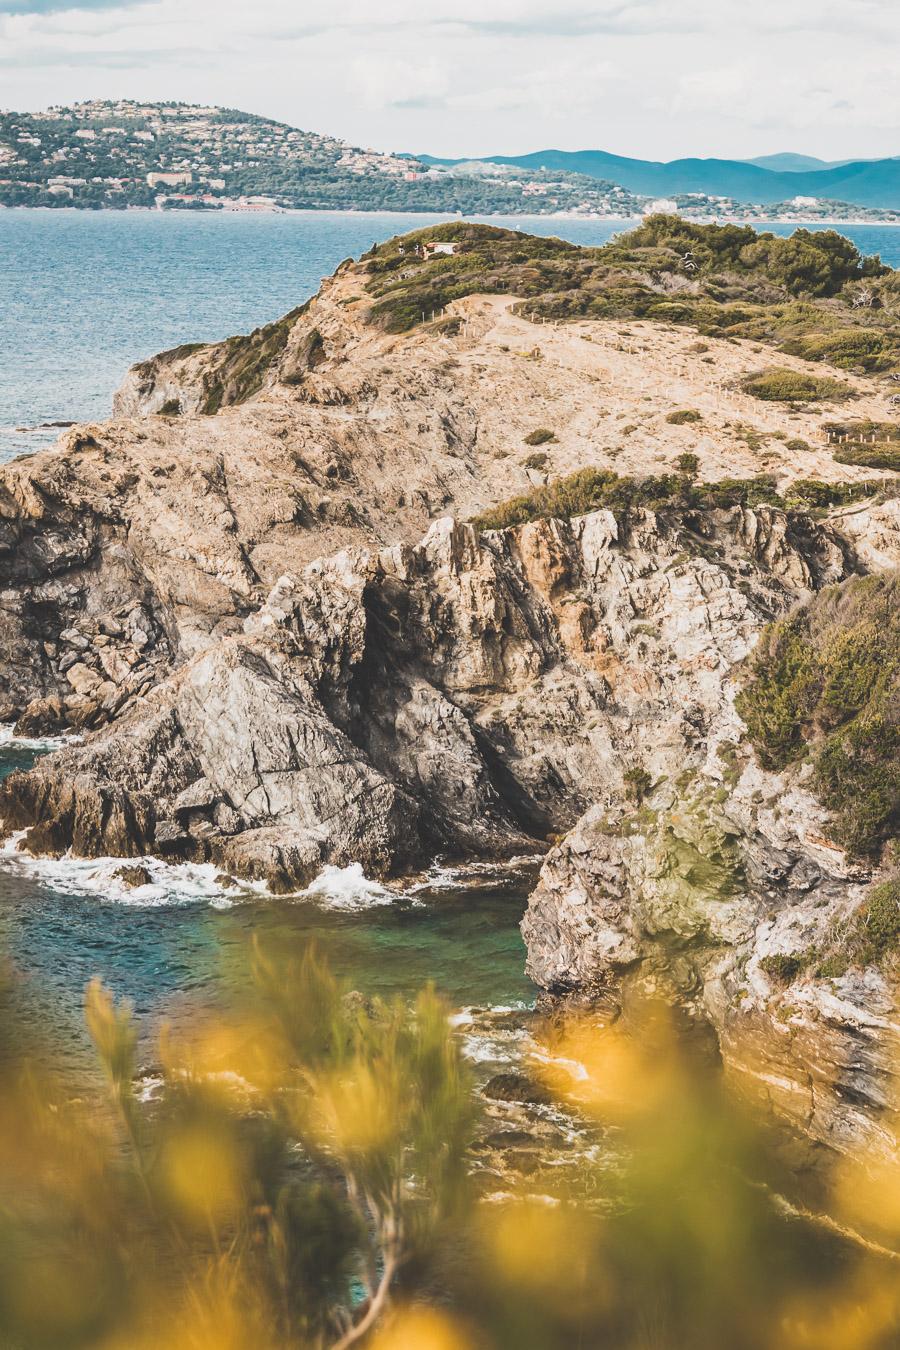 sentier du littoral dans le Var